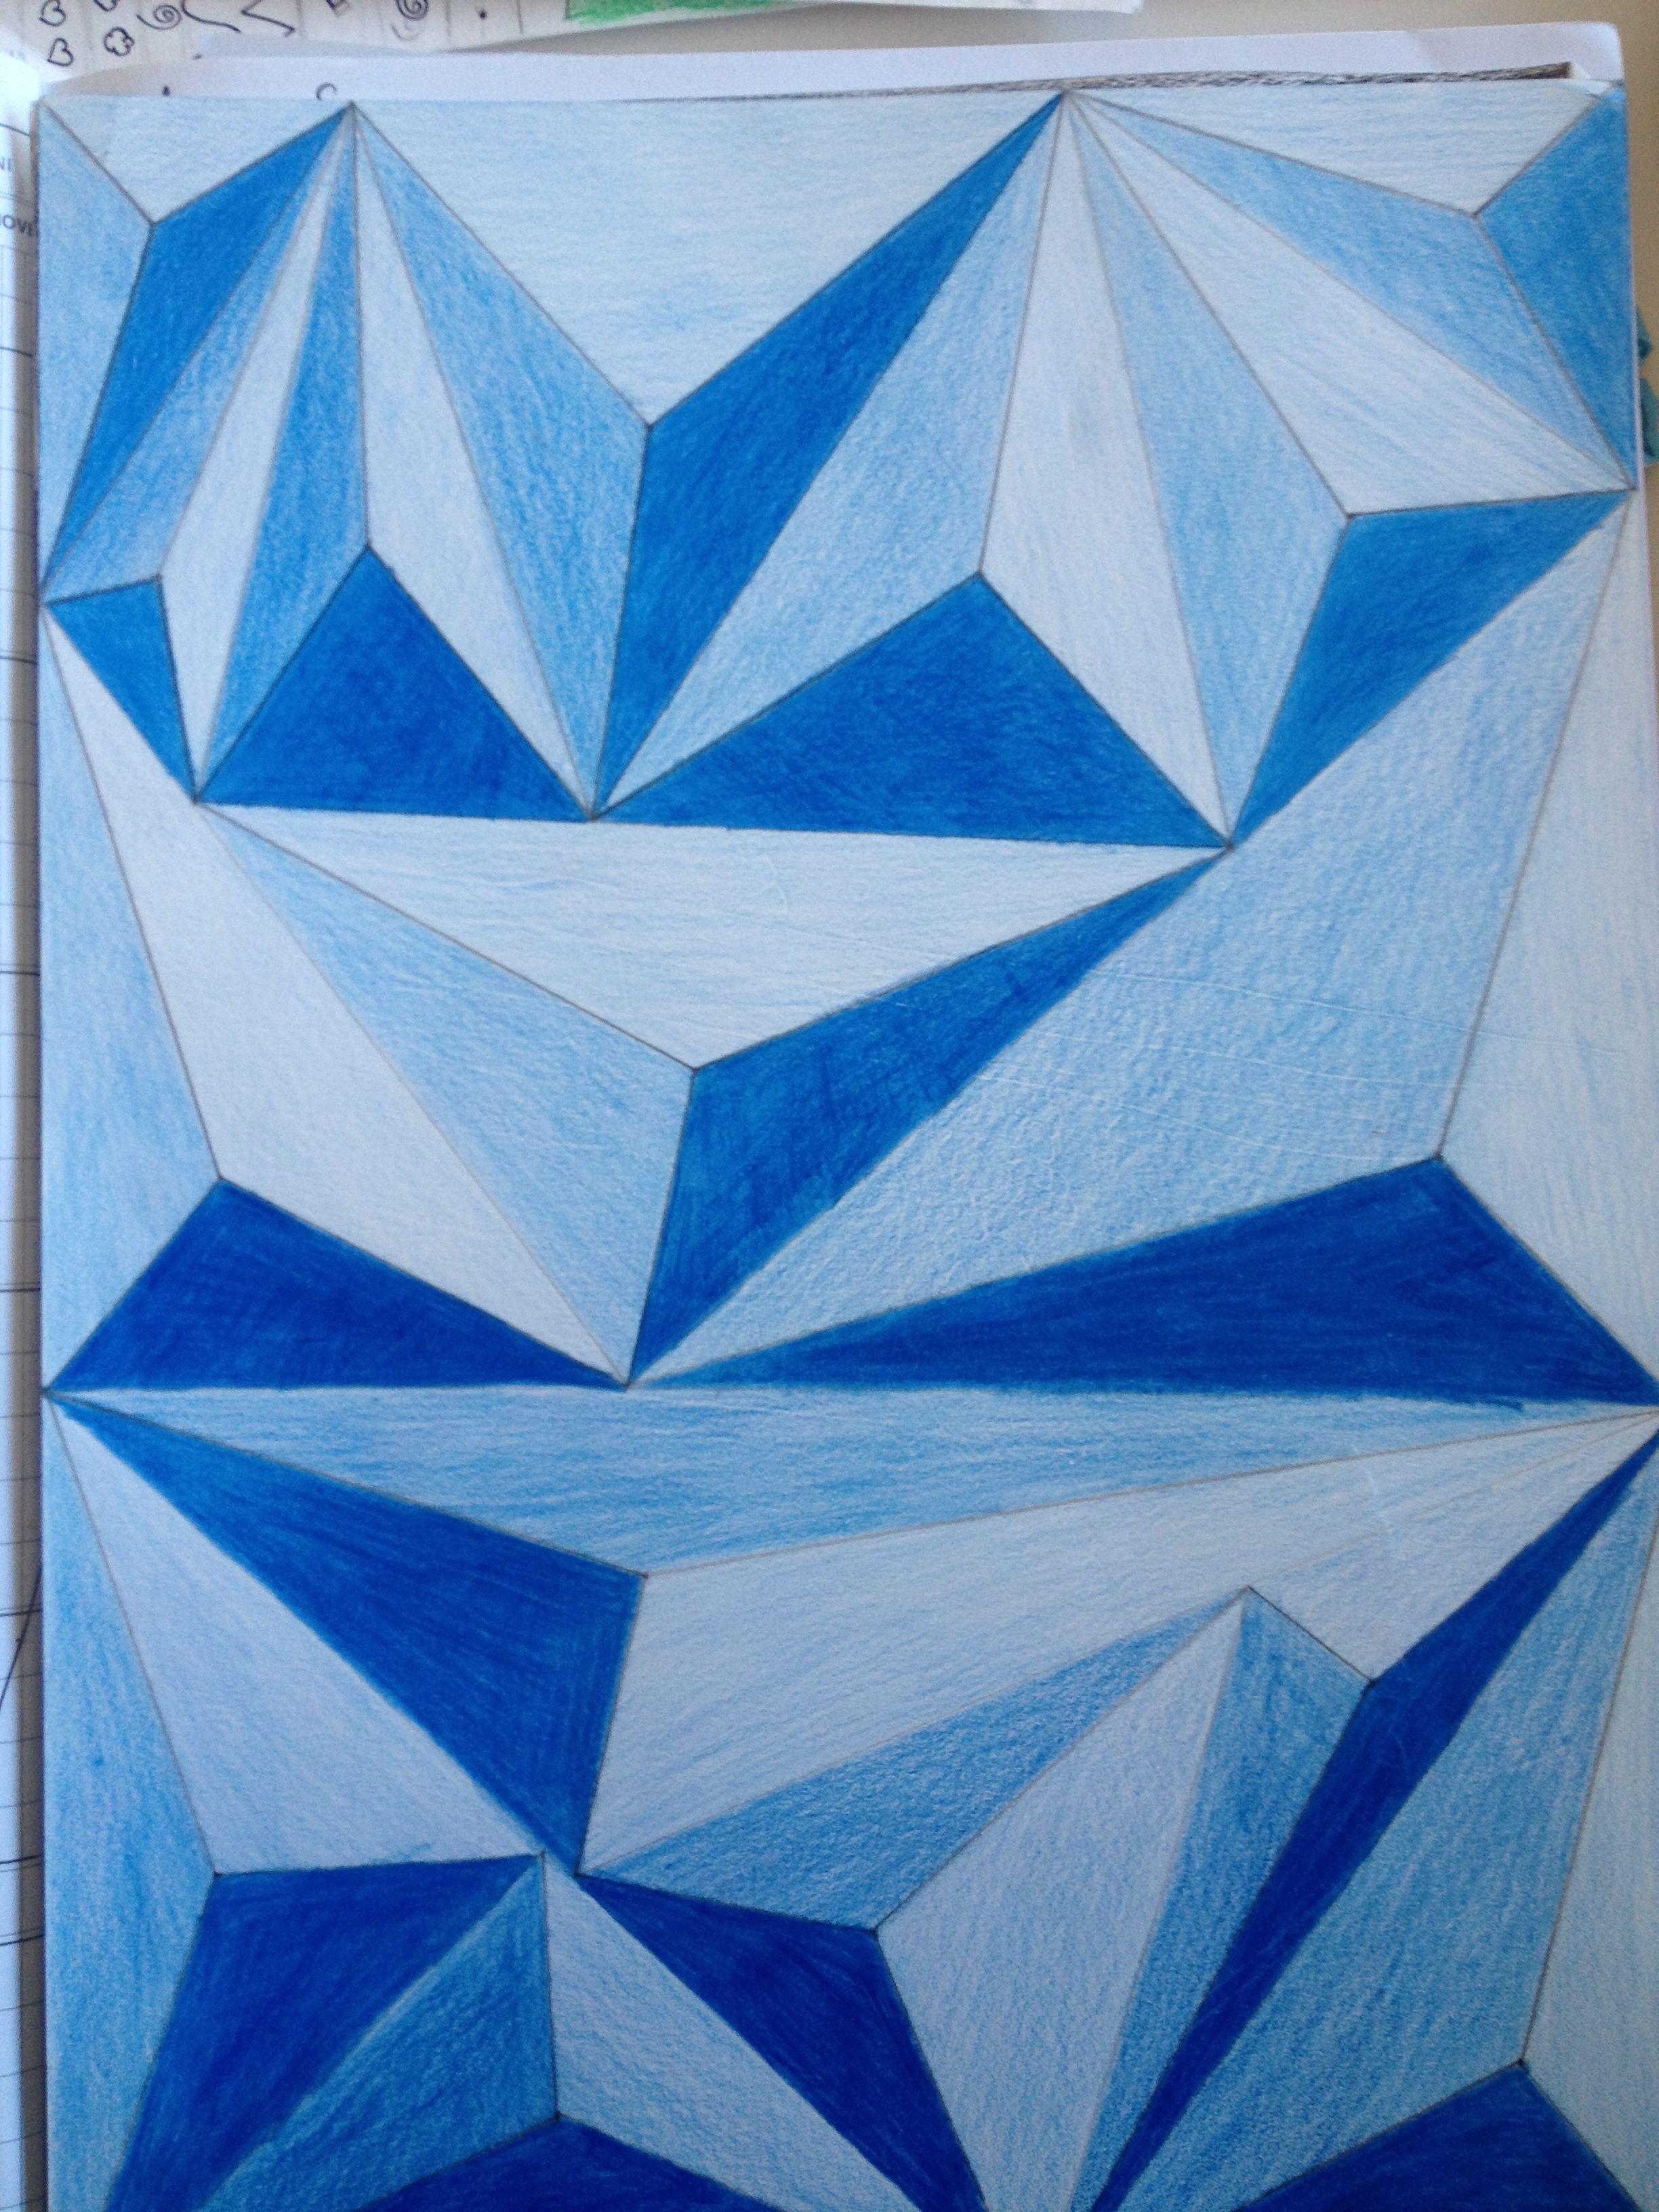 Blue Triangles Op Art In